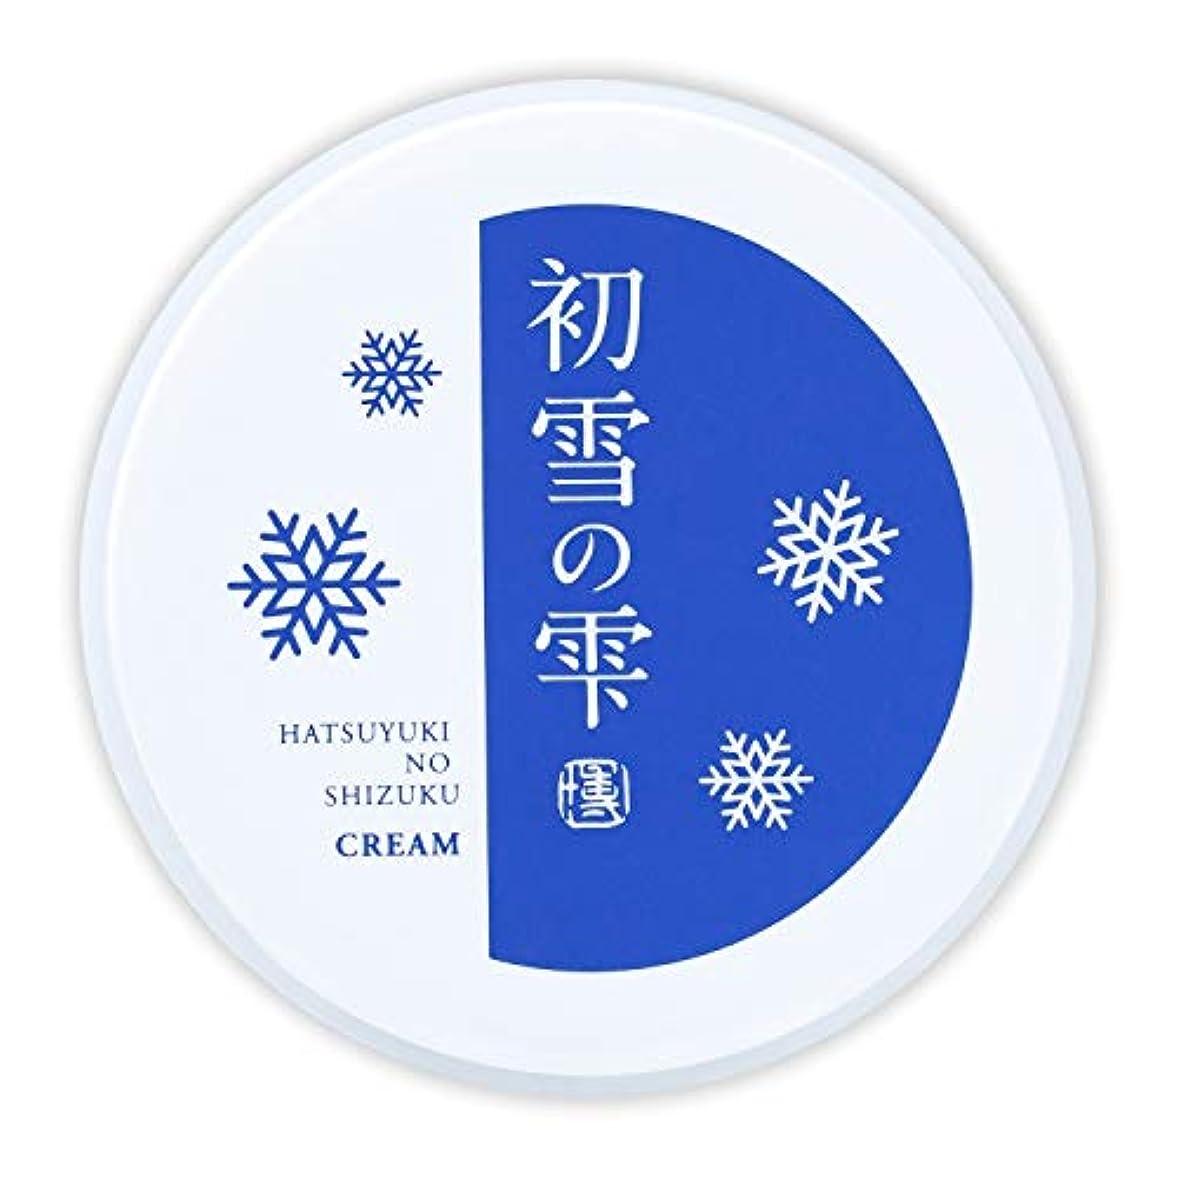 クラシカル繁殖差別する初雪の雫 オールインワン 保湿 クリーム 27g 約2週間分 [プラセンタ ヒアルロン酸 セラミド アルブチン ビタミンC ]